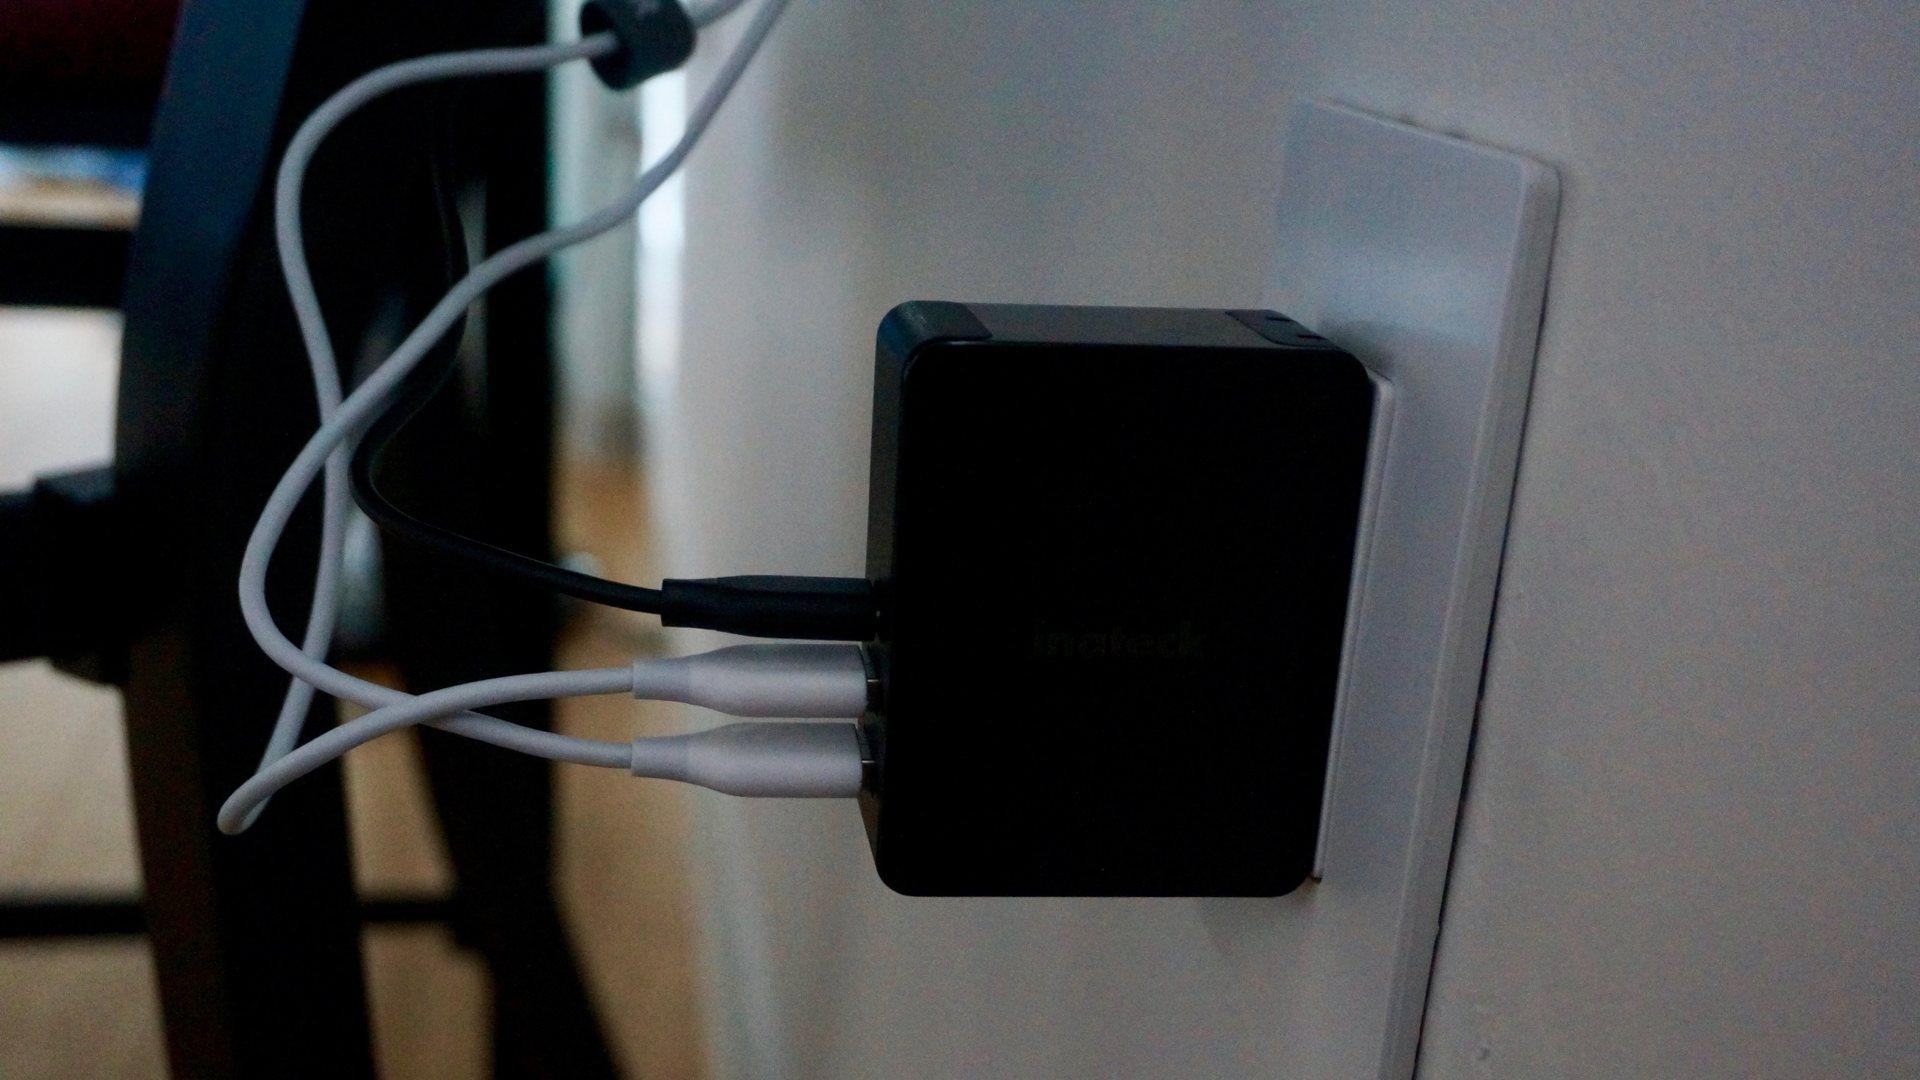 Inateck 45W 3-Port Cargador USB-C que carga un conmutador Nintendo, iPhone y iPad.